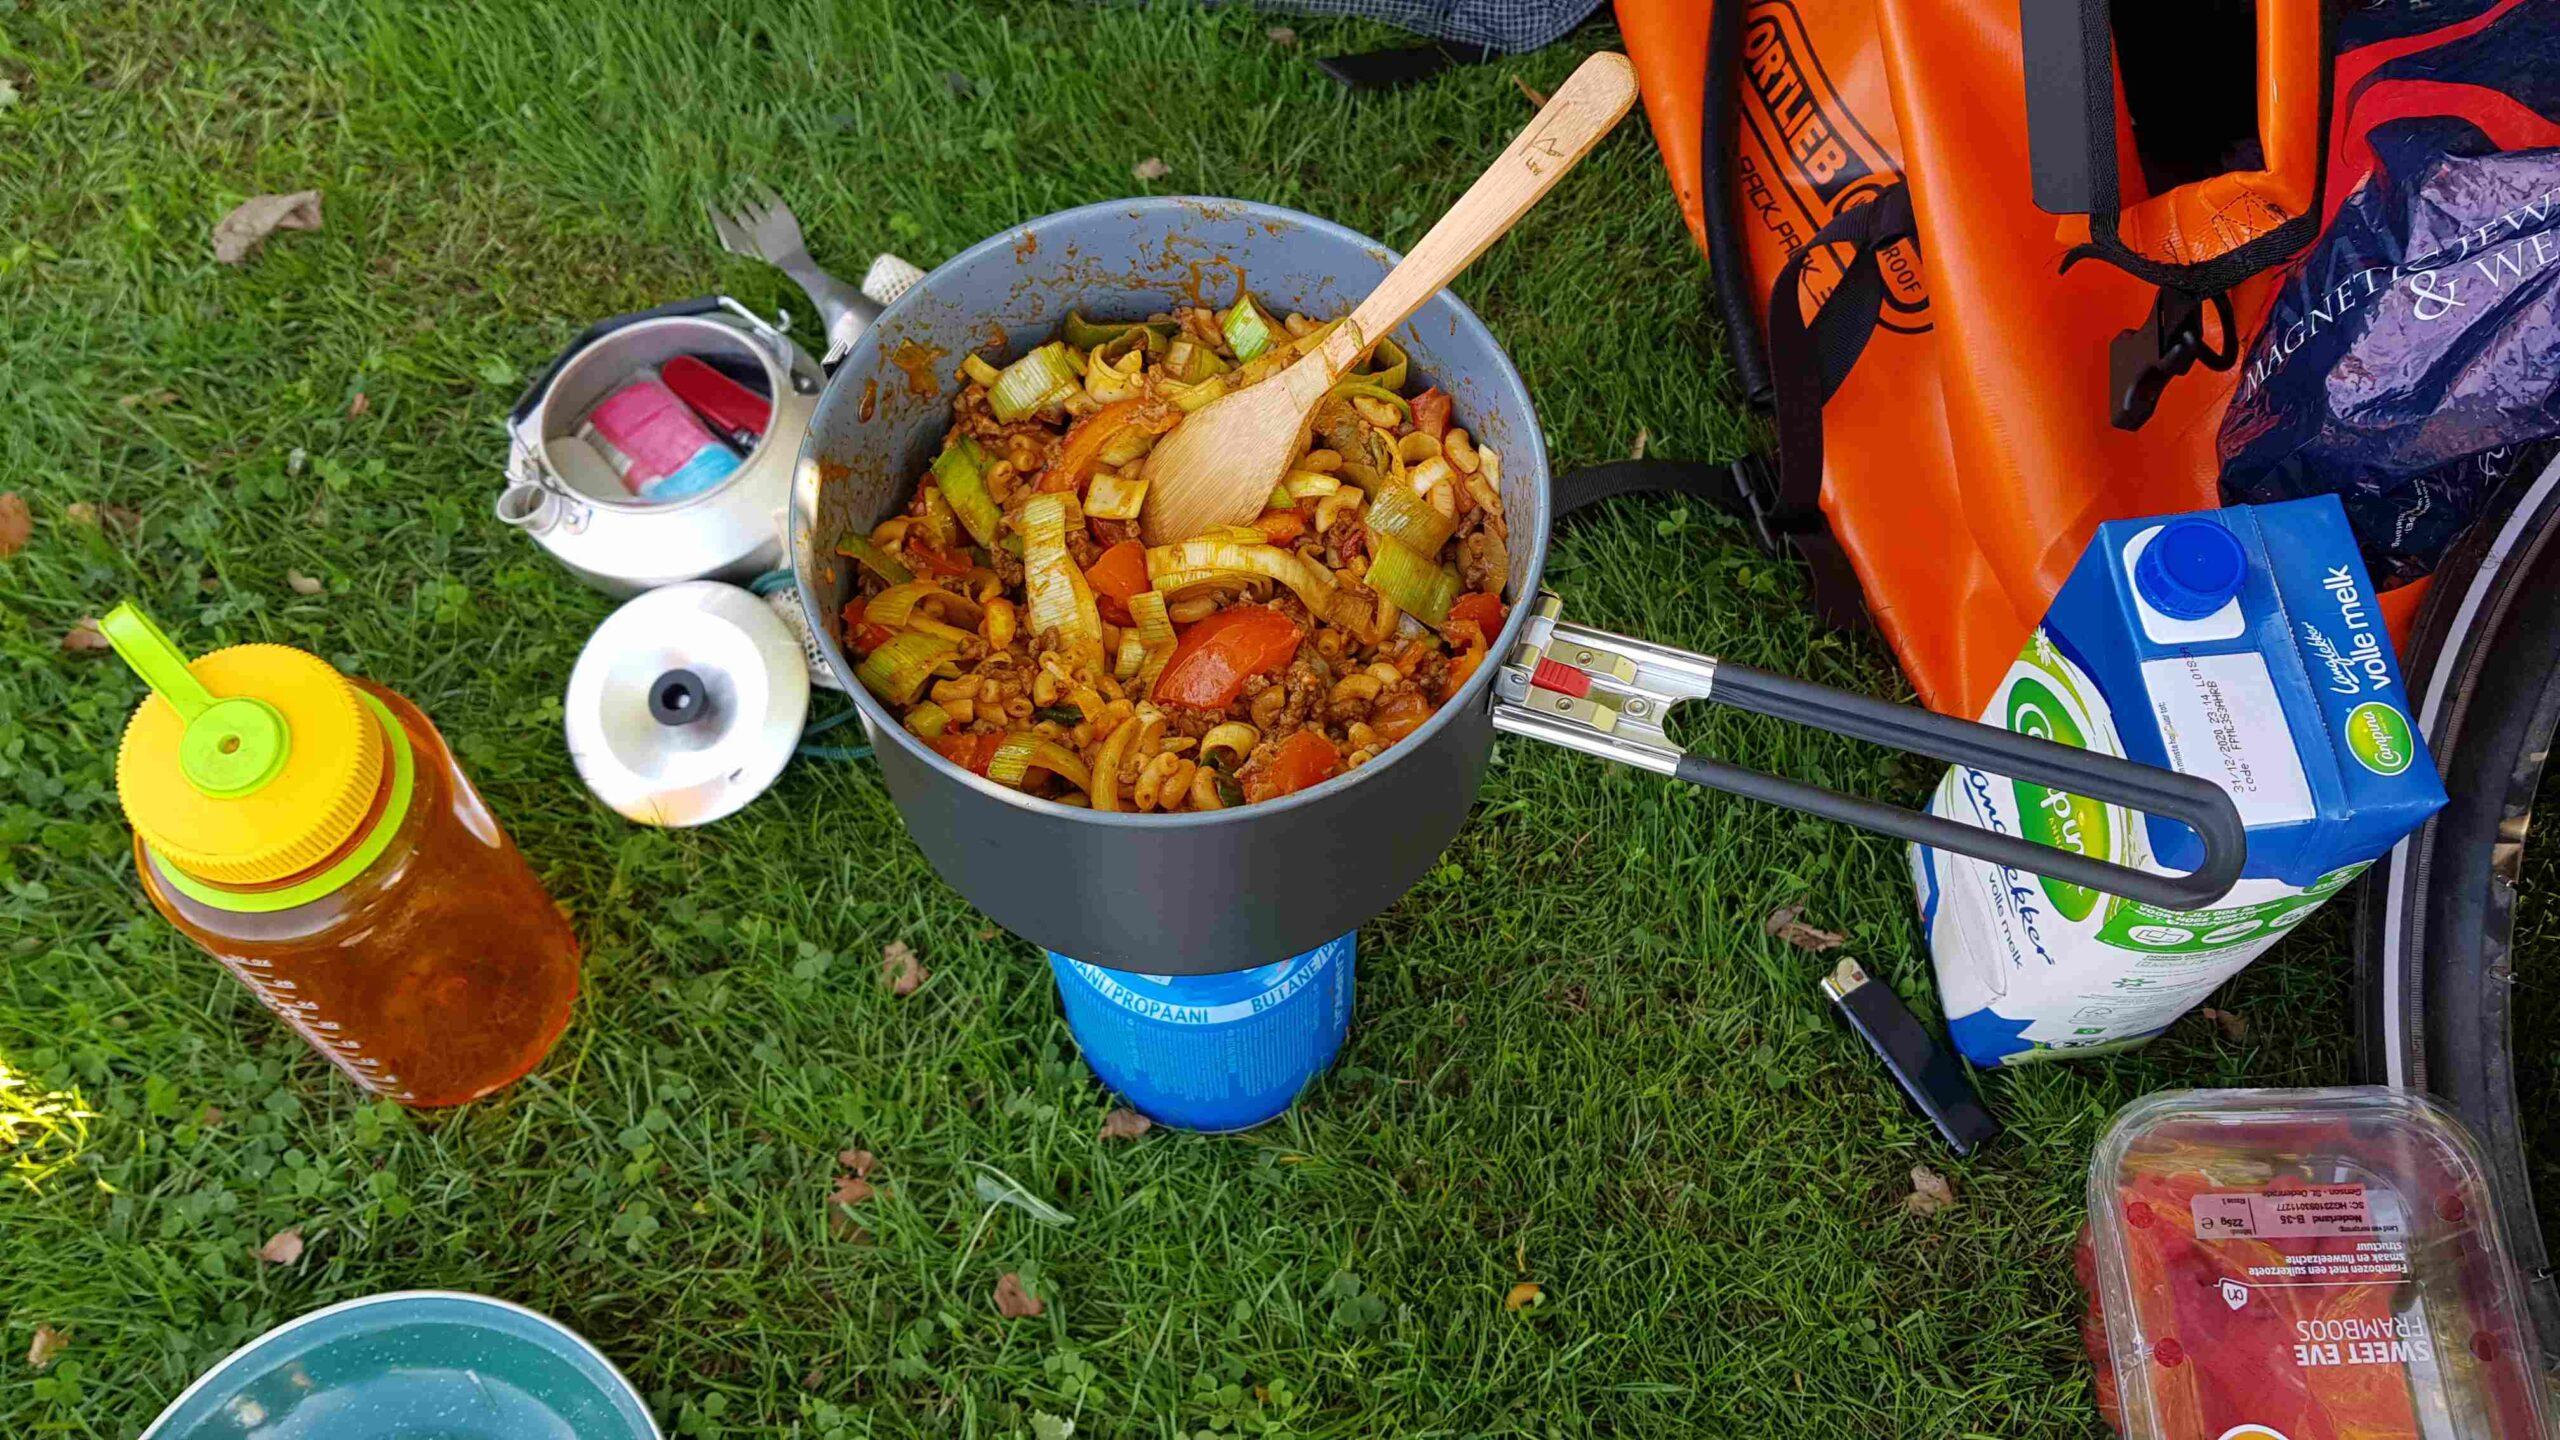 Ronde-van-Nederland-op-de-fiets-kamperen-koken-eenpansgerecht